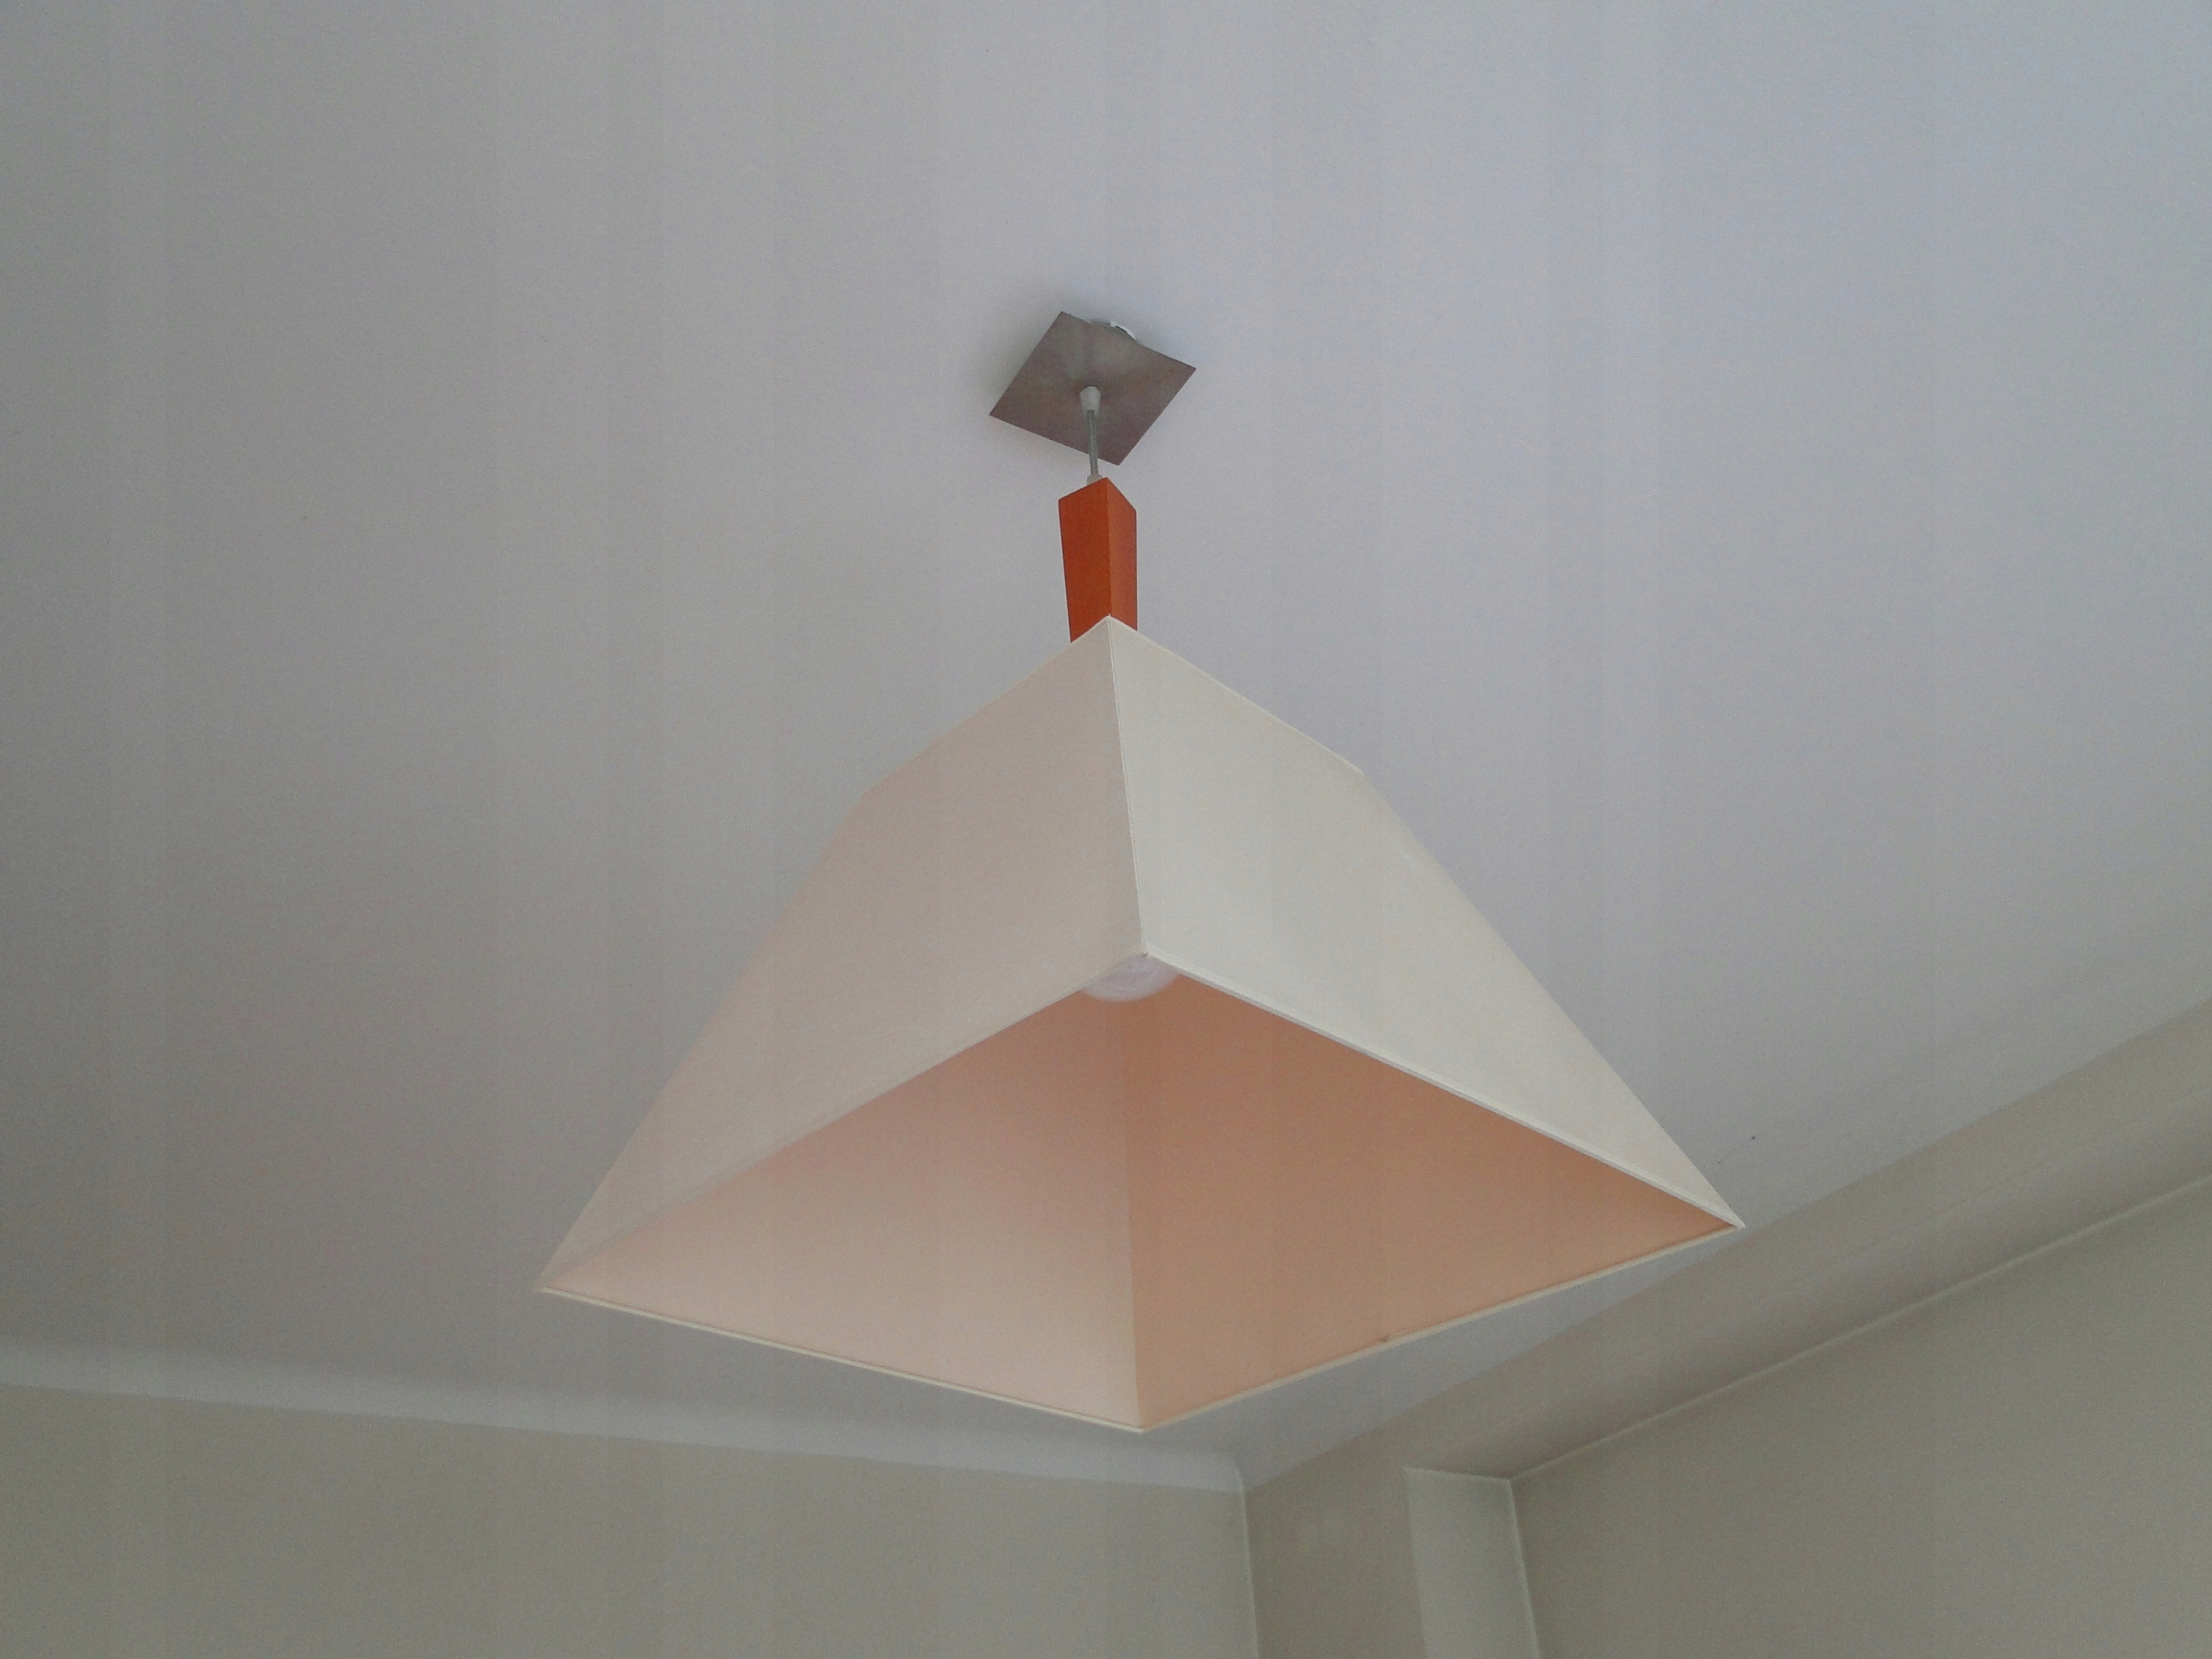 Komplet Oświetlenia Do Sypialni 7516591860 Oficjalne Archiwum